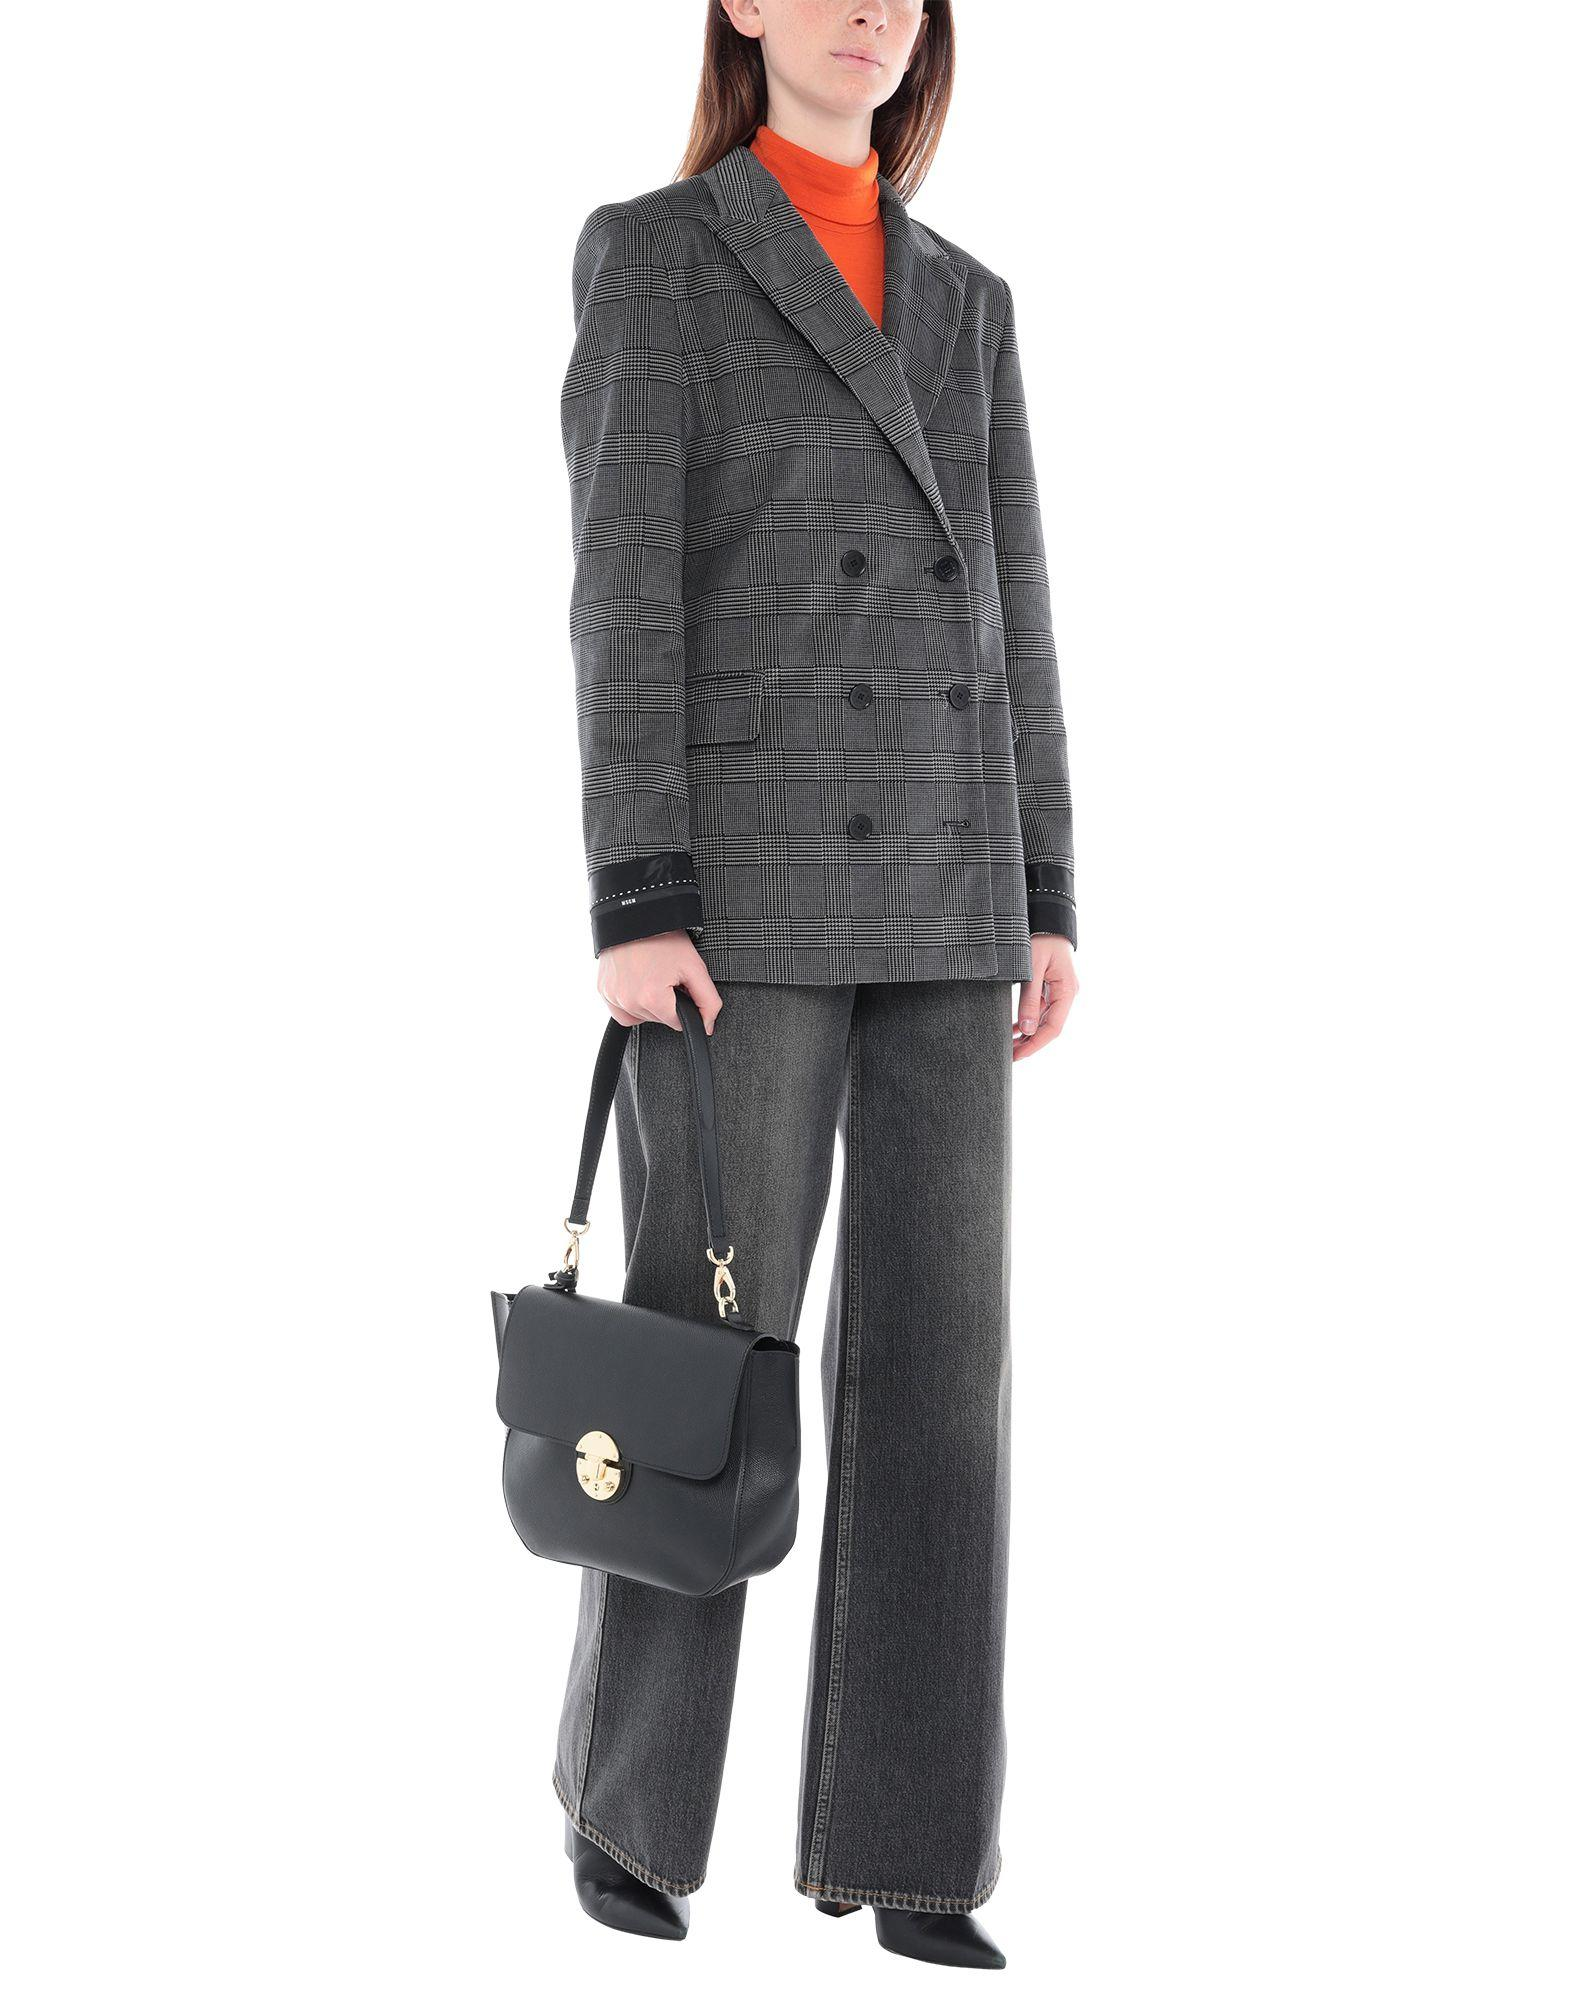 Ab Asia Bellucci Handtaschen in Schwarz ejfaE